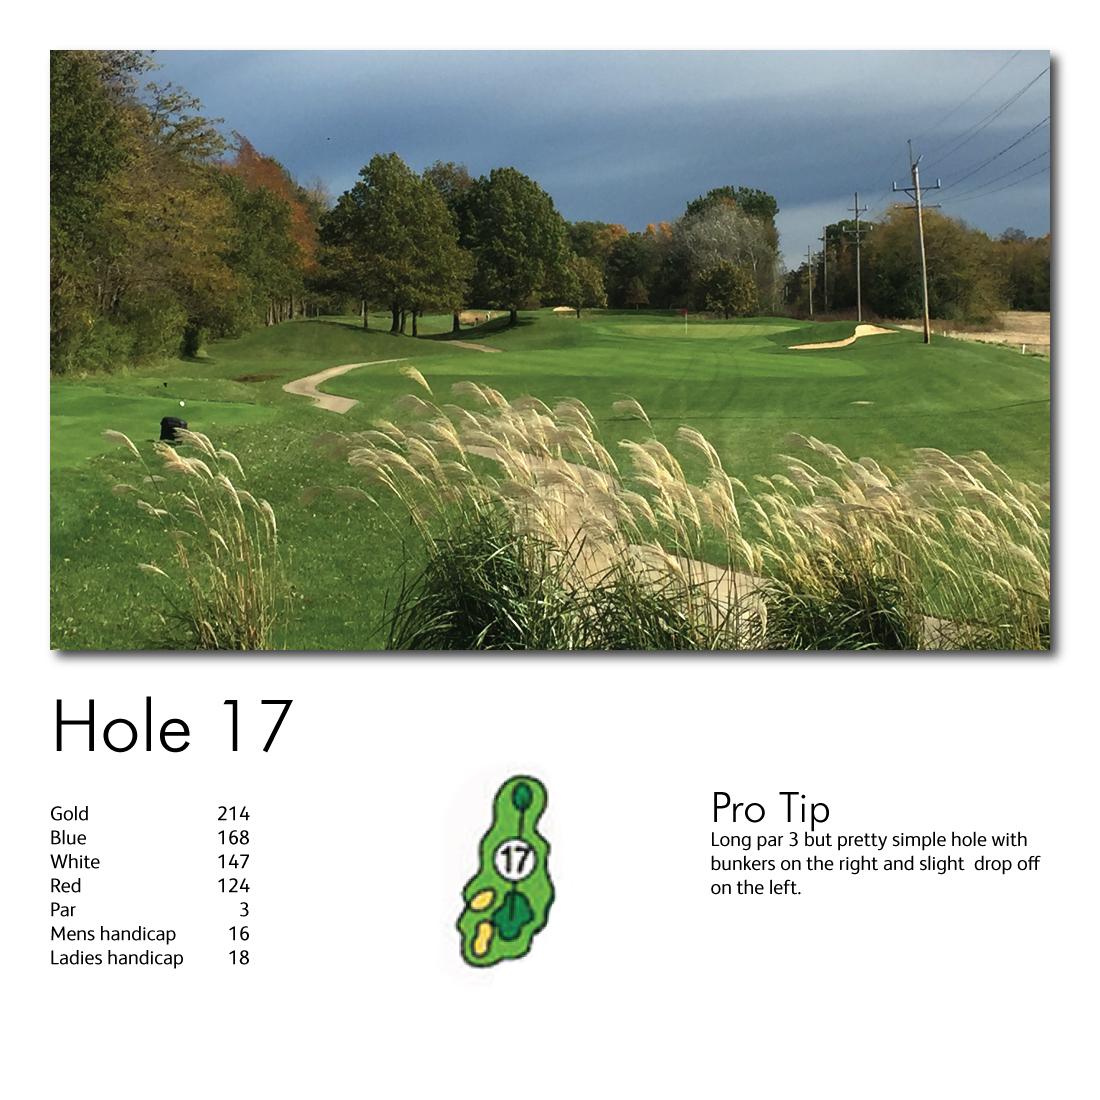 Hole-17-web-image.jpg